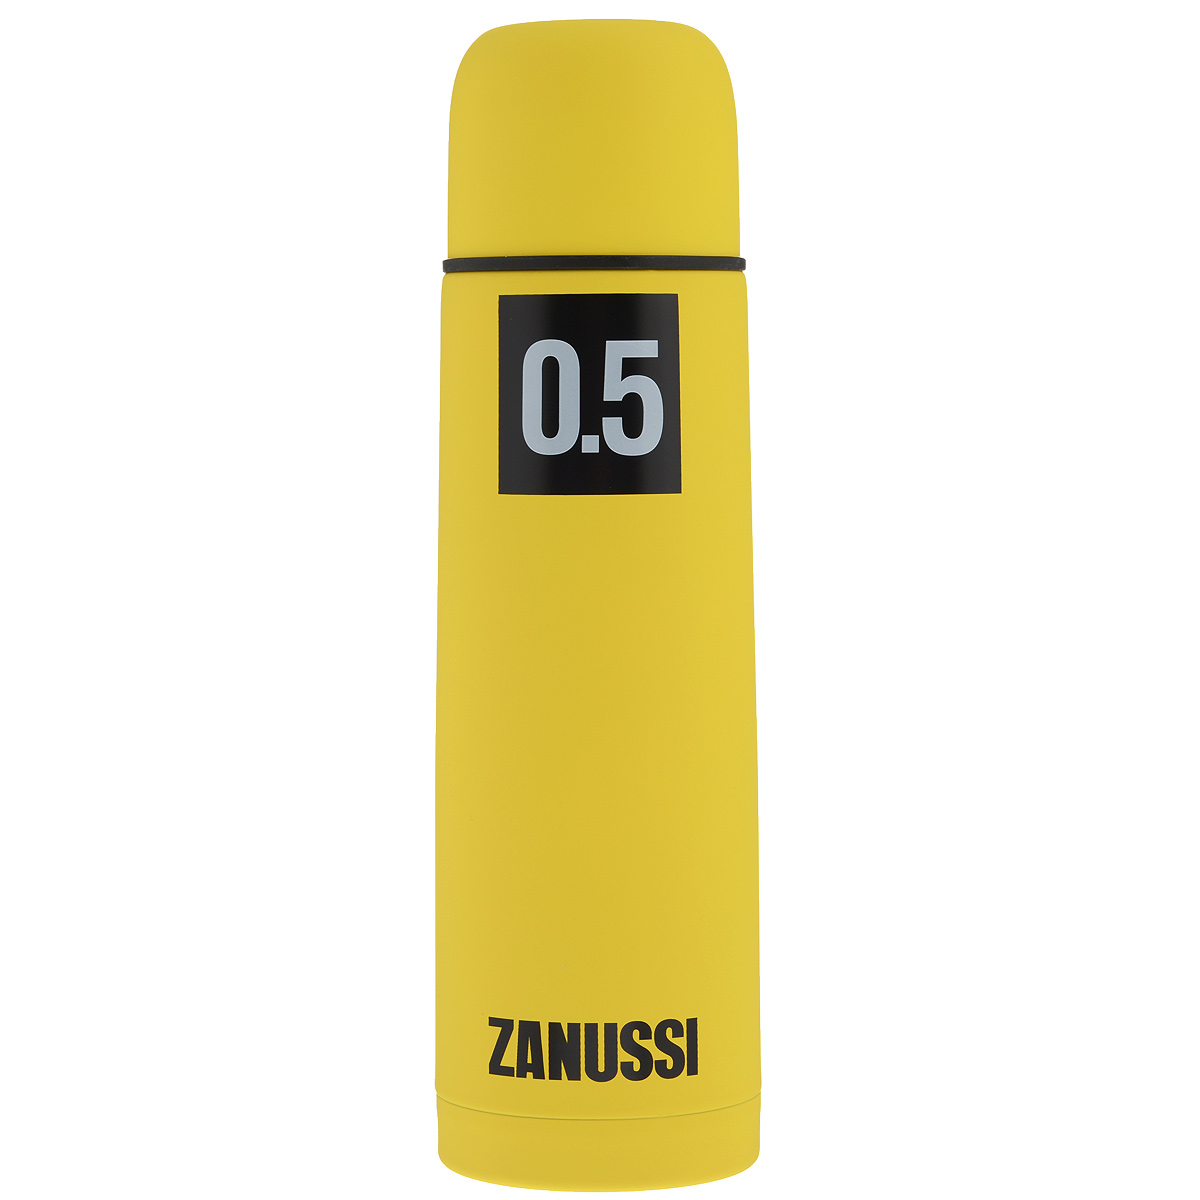 Термос Zanussi, цвет: желтый, 500 мл115510Термос с узким горлом Zanussi, изготовленный из высококачественной нержавеющей стали 18/10, является простым в использовании, экономичным и многофункциональным. Корпус изделия оснащен резиновым покрытием, благодаря чему термос практически невозможно разбить, он защищен от сколов. Термос с двухстеночной вакуумной изоляцией, предназначенный для хранения горячих и холодных напитков (чая, кофе), сохраняет их до 12 часов горячими и холодными в течении 24 часов. Изделие укомплектовано пробкой с кнопкой. Такая пробка удобна в использовании и позволяет, не отвинчивая ее, наливать напитки после простого нажатия. Изделие также оснащено крышкой-чашкой. Легкий и прочный термос Zanussi сохранит ваши напитки горячими или холодными надолго.